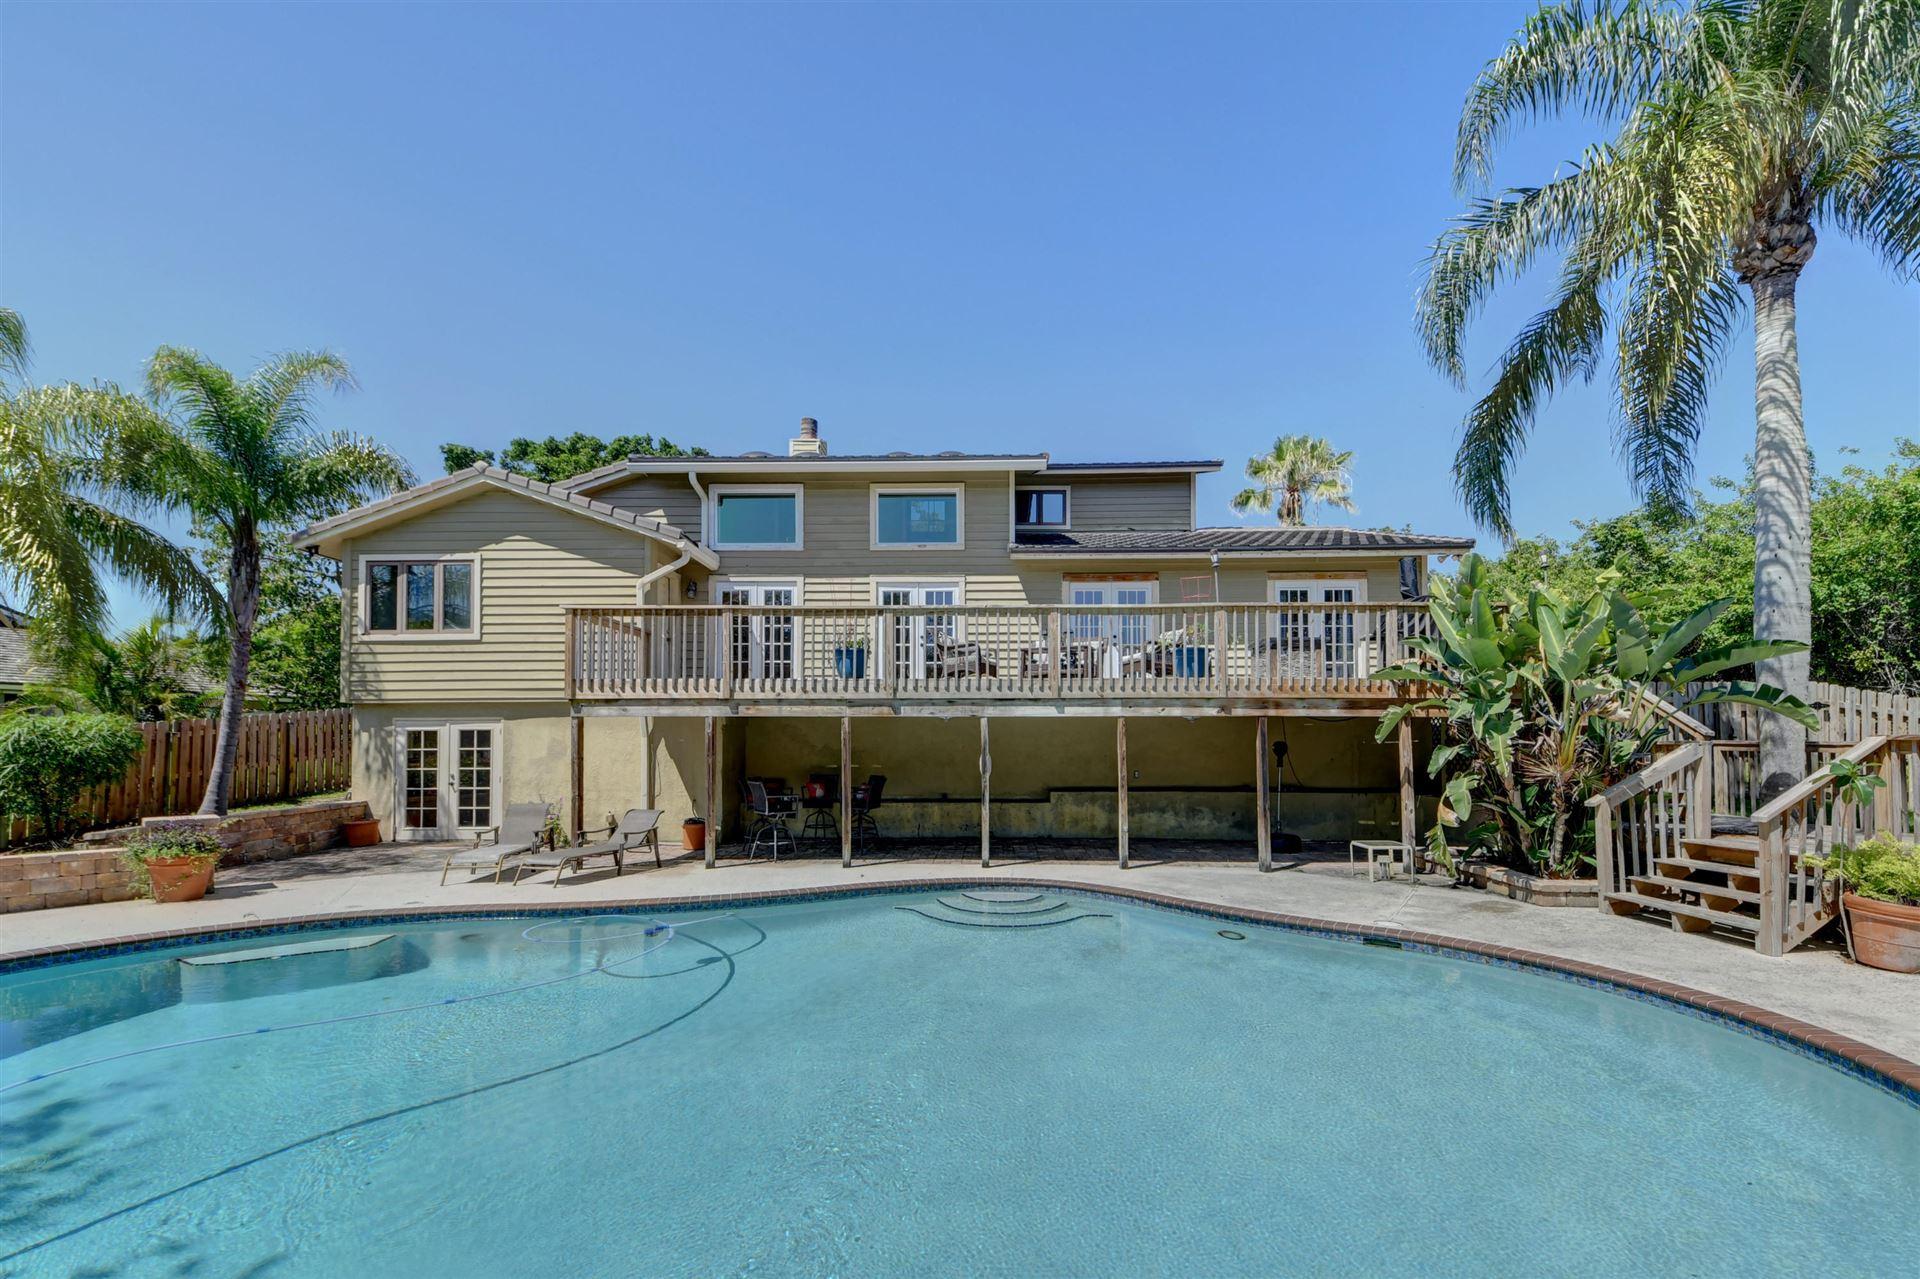 3860 NE Sugarhill Avenue, Jensen Beach, FL 34957 - #: RX-10621221